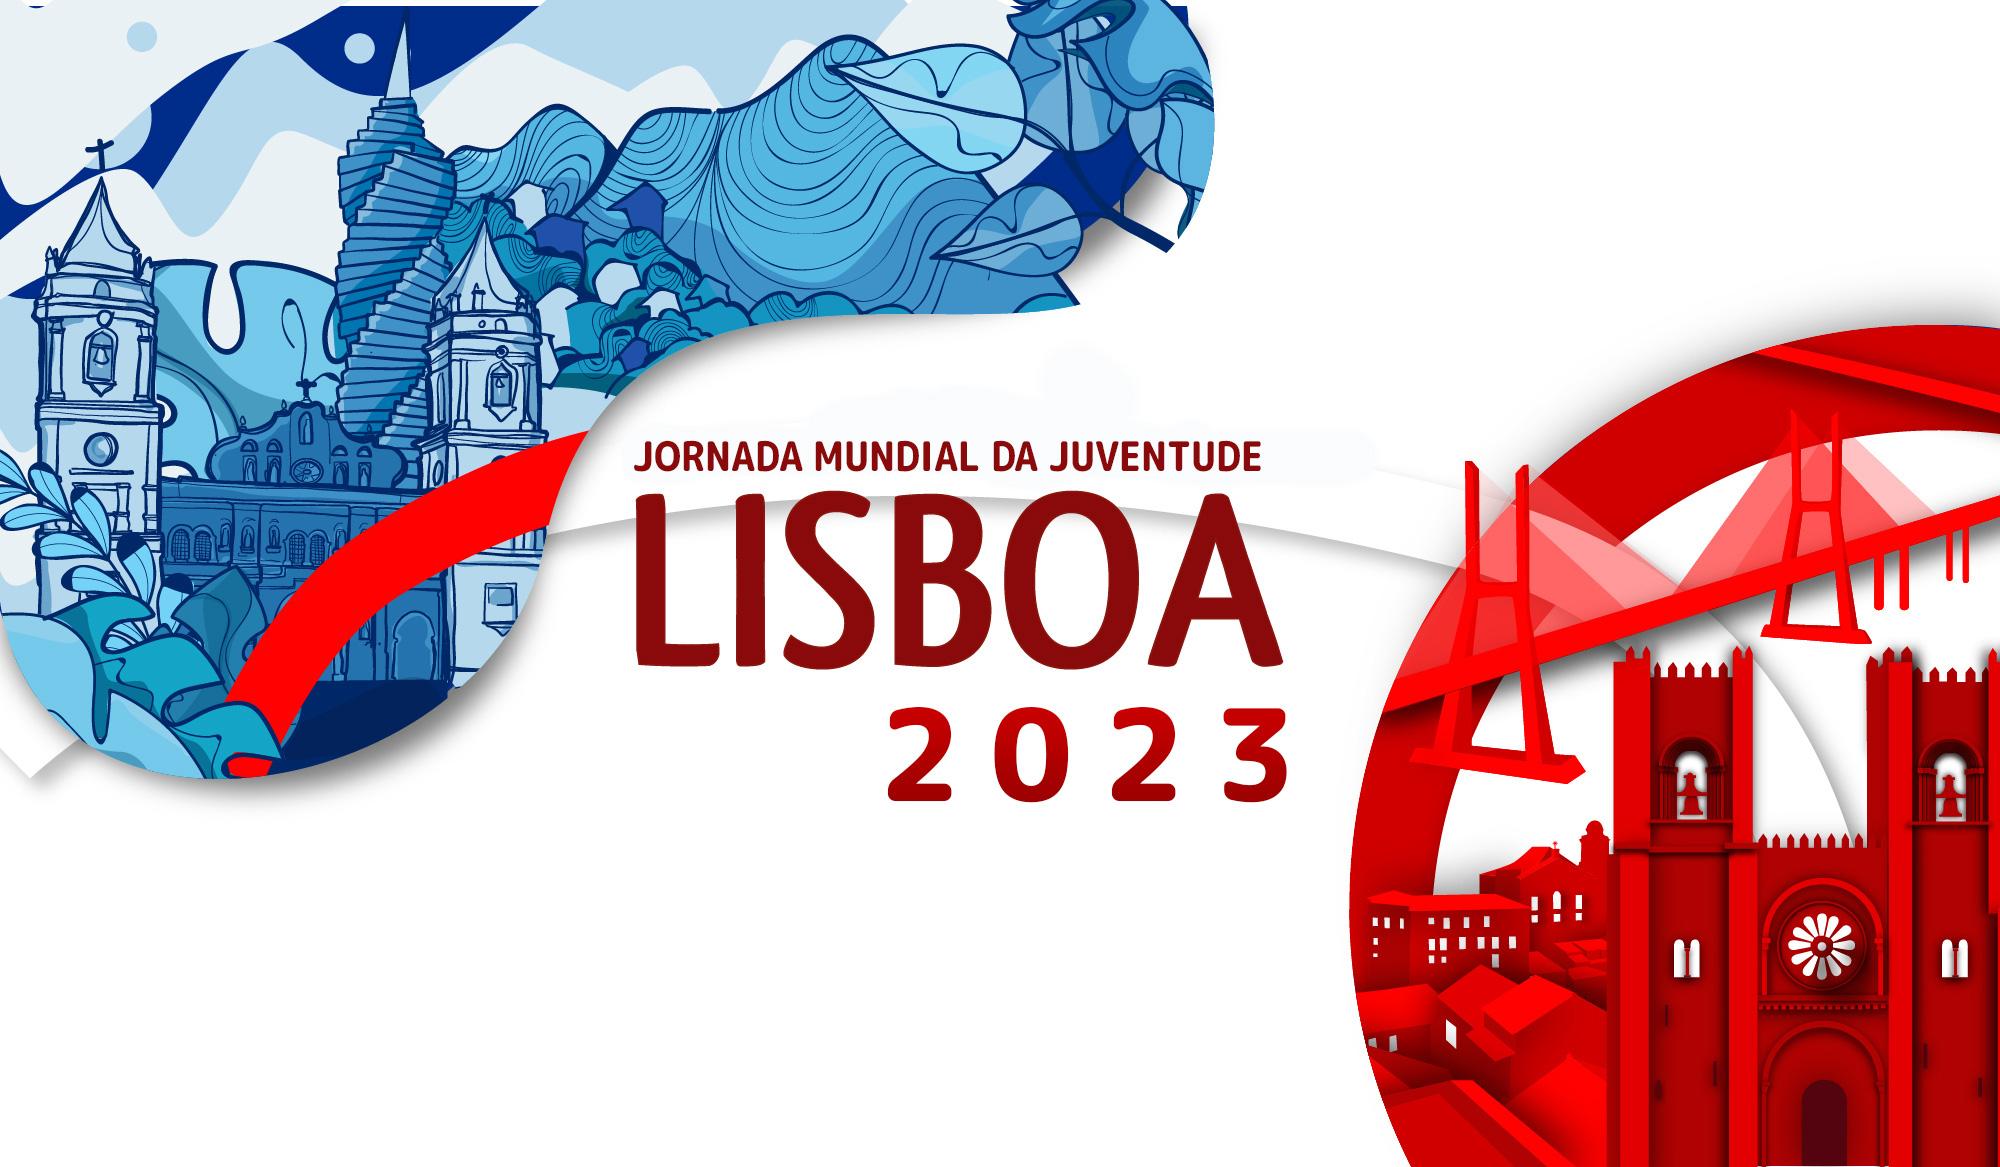 JMJ-Lisboa-2023